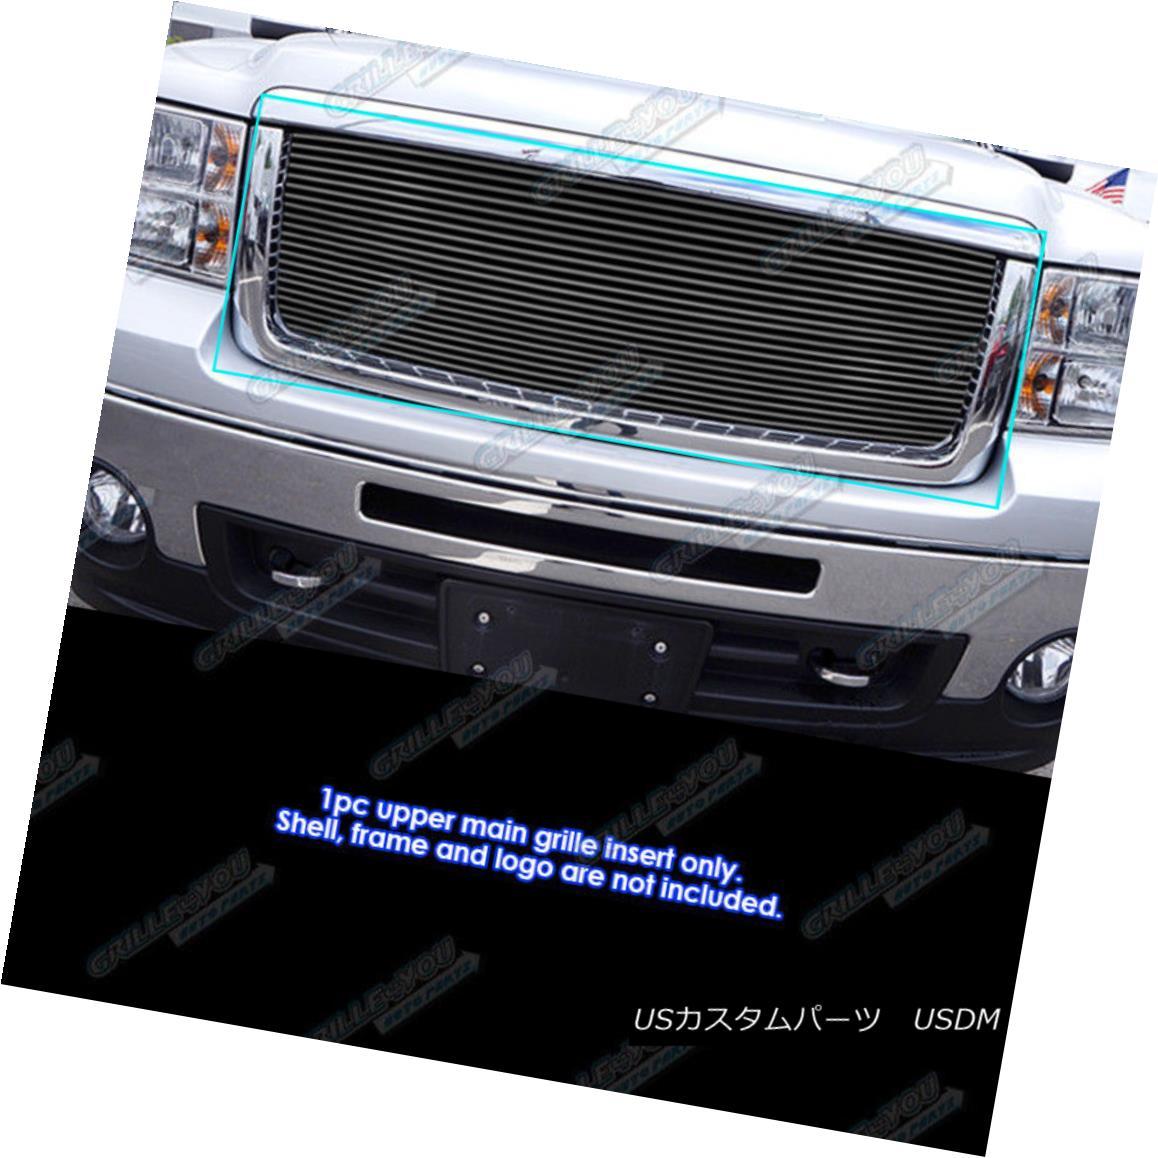 グリル Fits 2007-2013 GMC Sierra 1500 Black Billet Grille Insert 2007-2013 GMC Sierra 1500 Black Billet Grilleインサートに適合